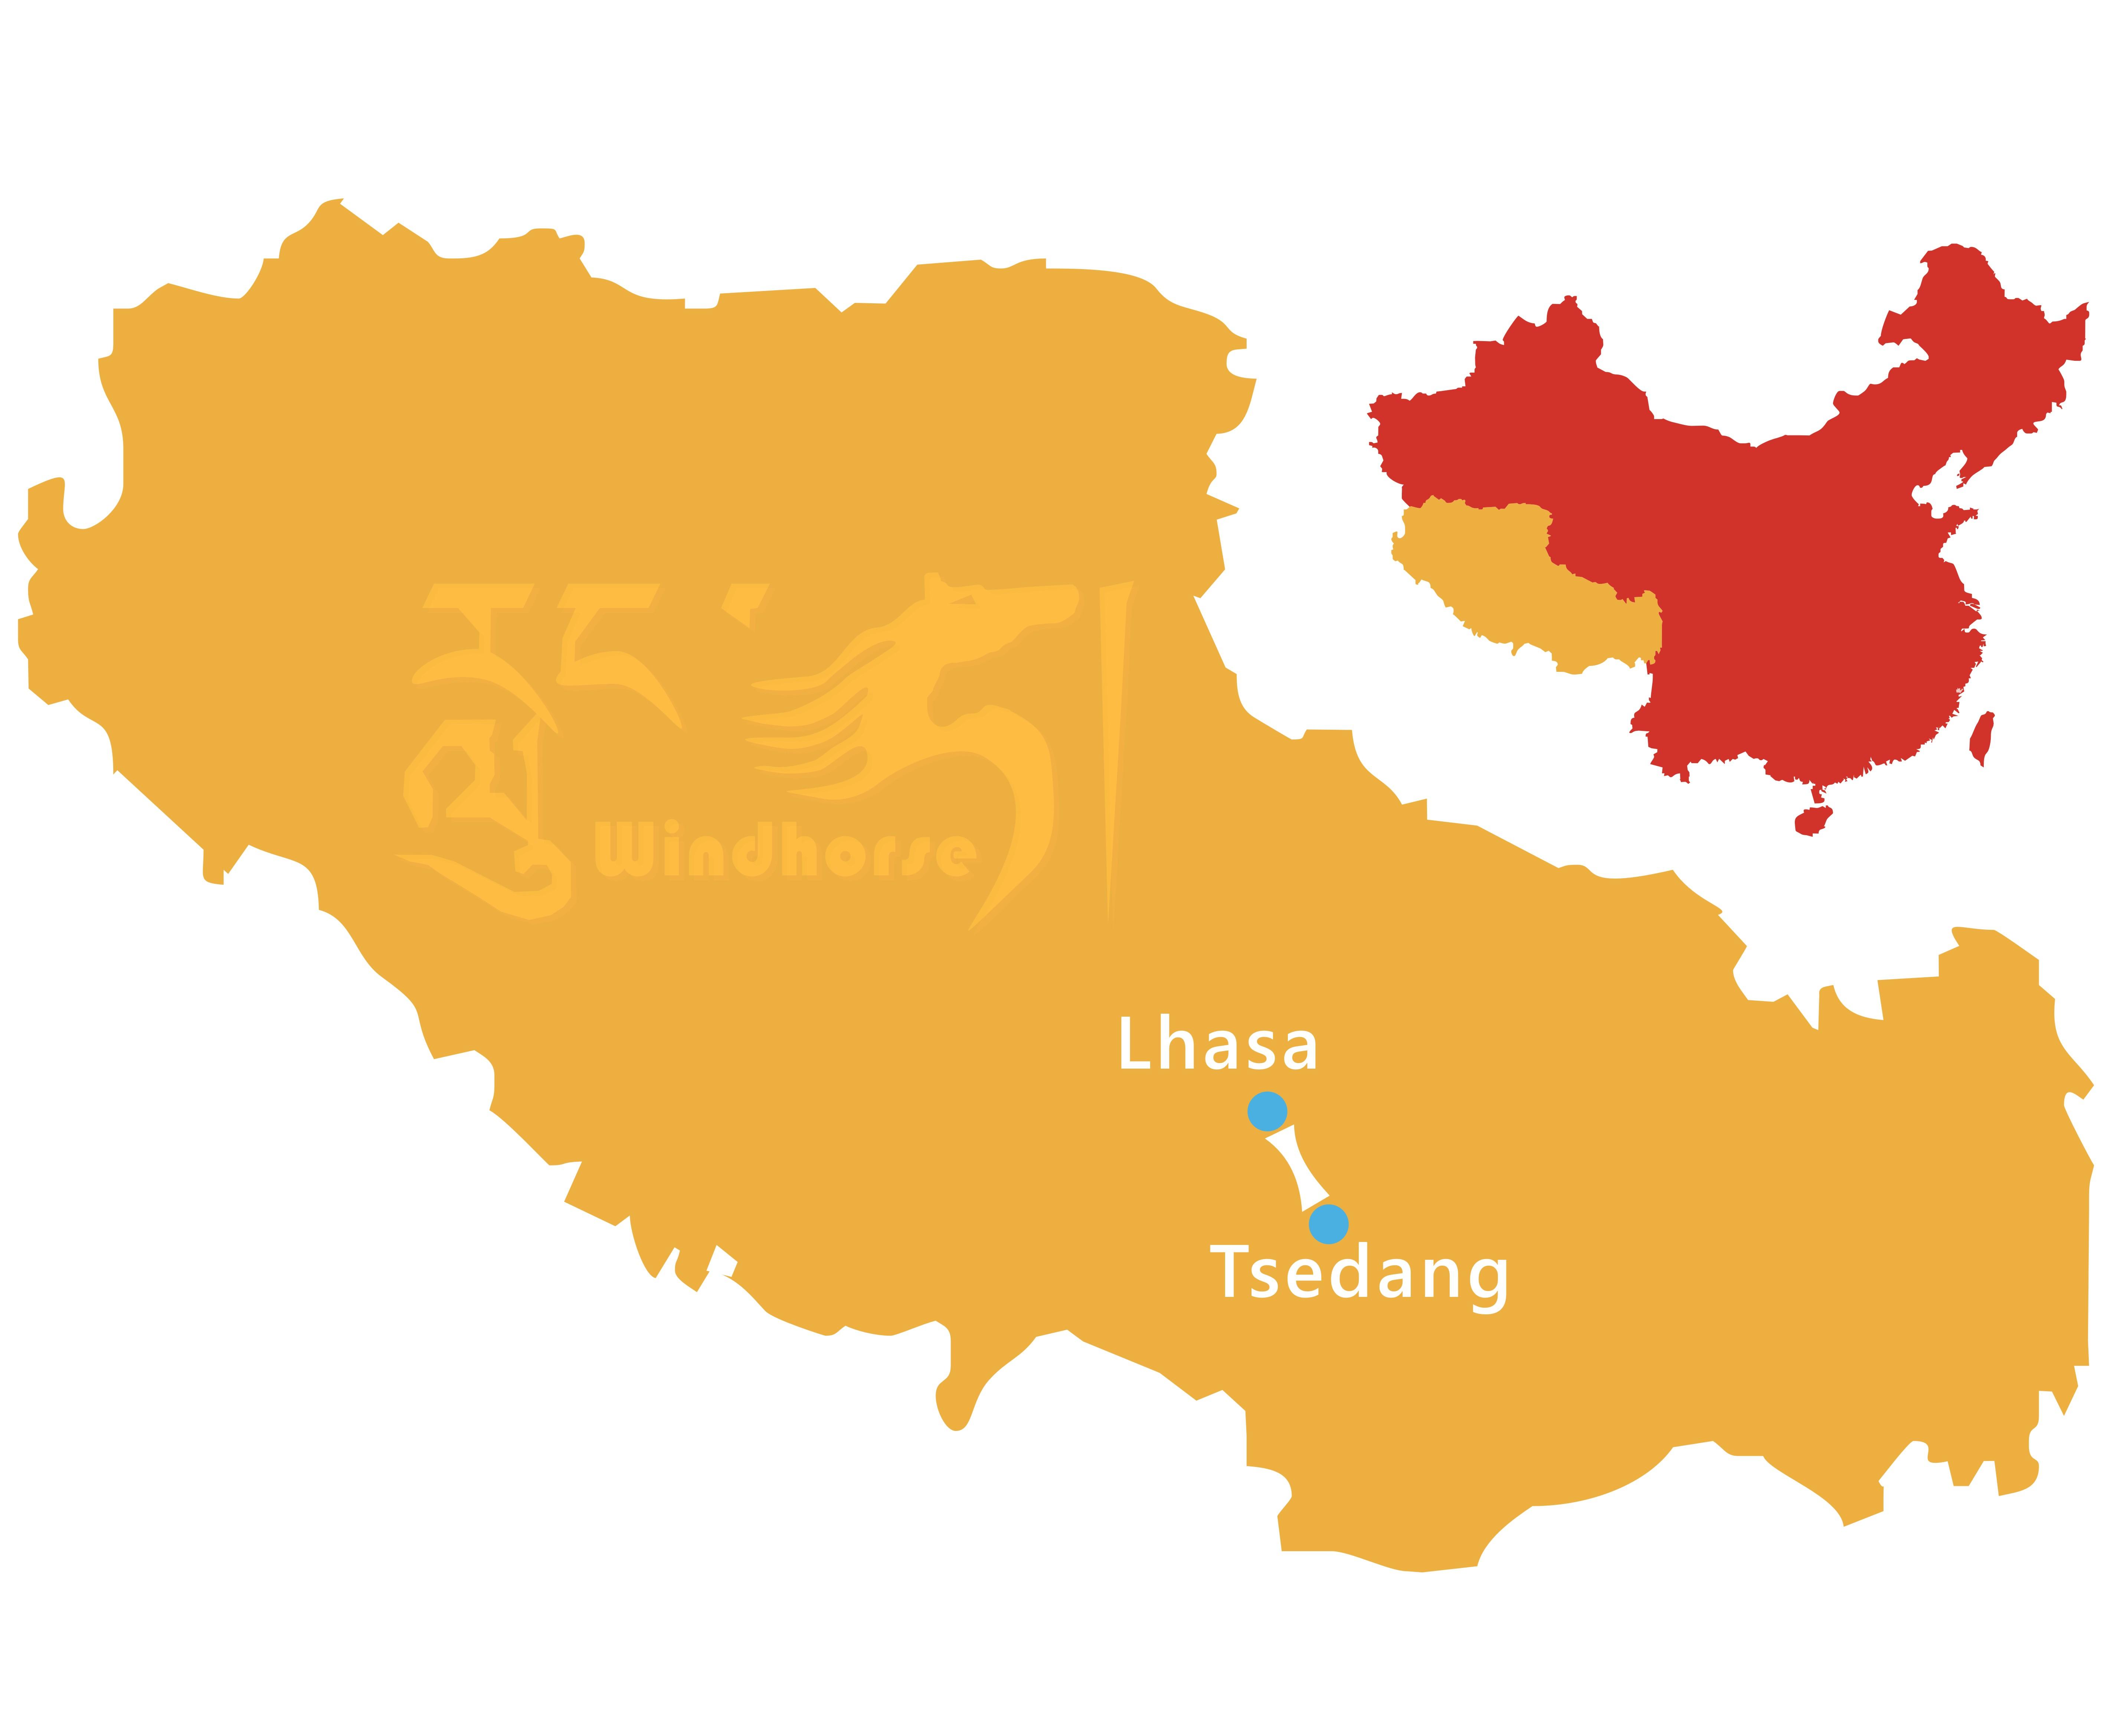 Lhasa to Tsedang Tour Route